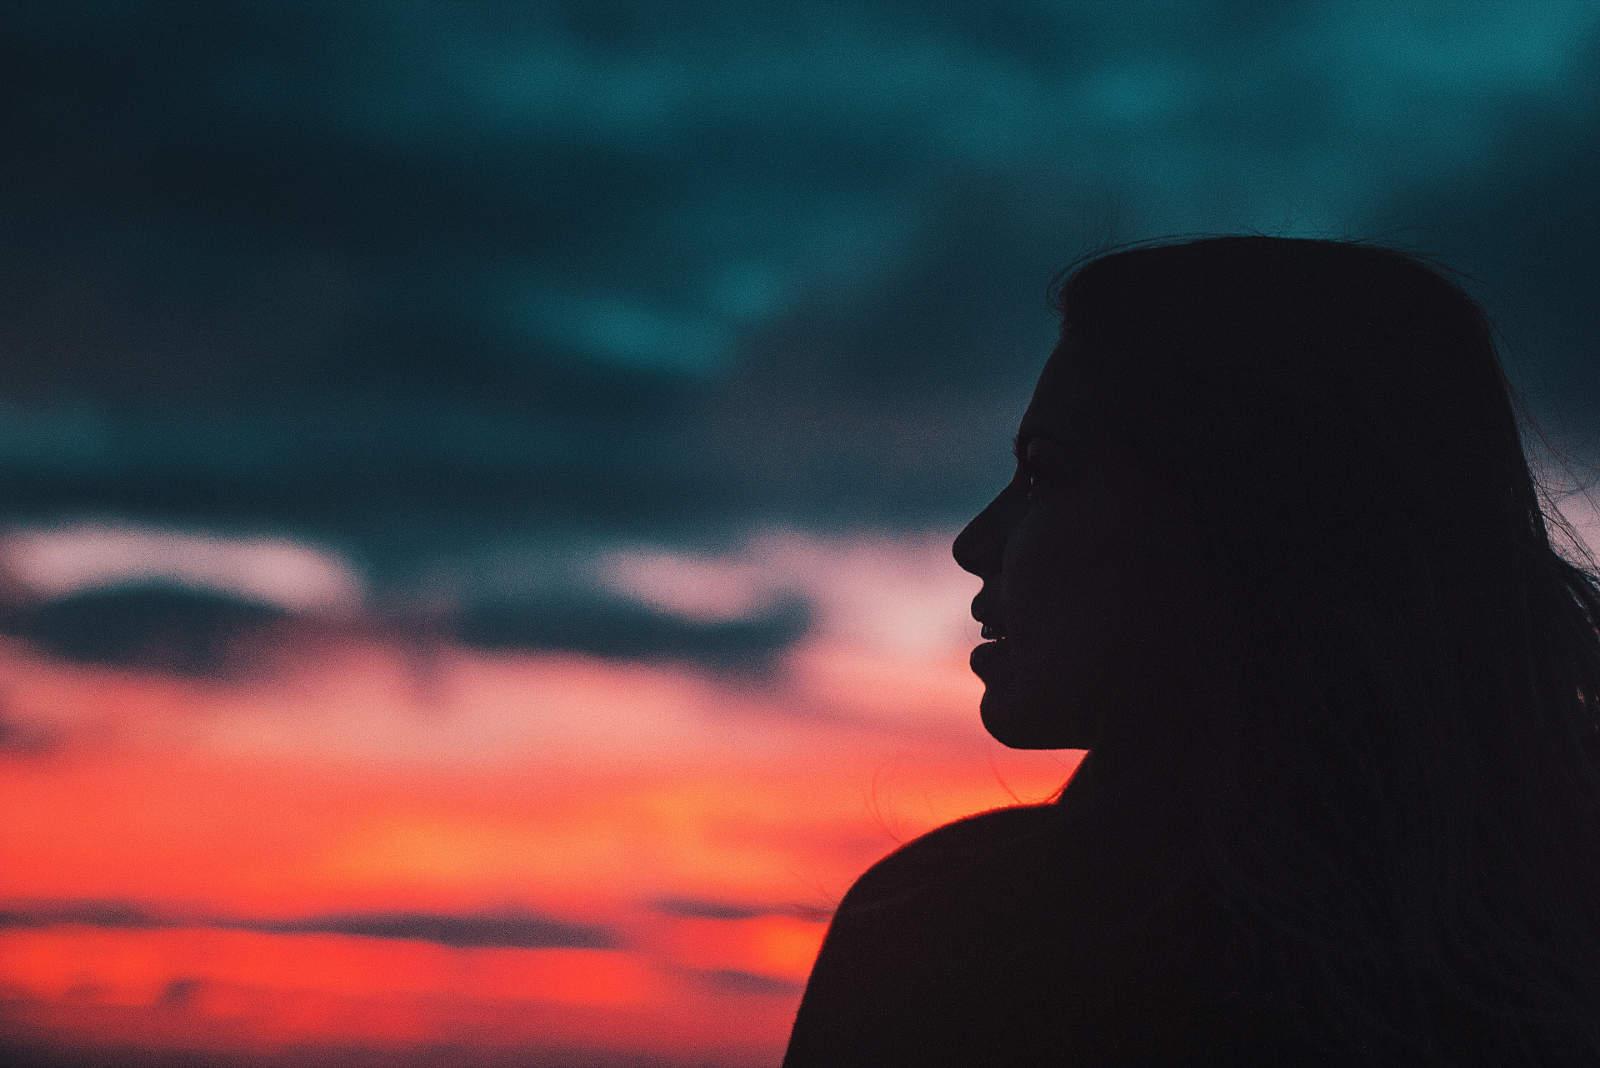 femme debout à l'extérieur pendant le coucher du soleil